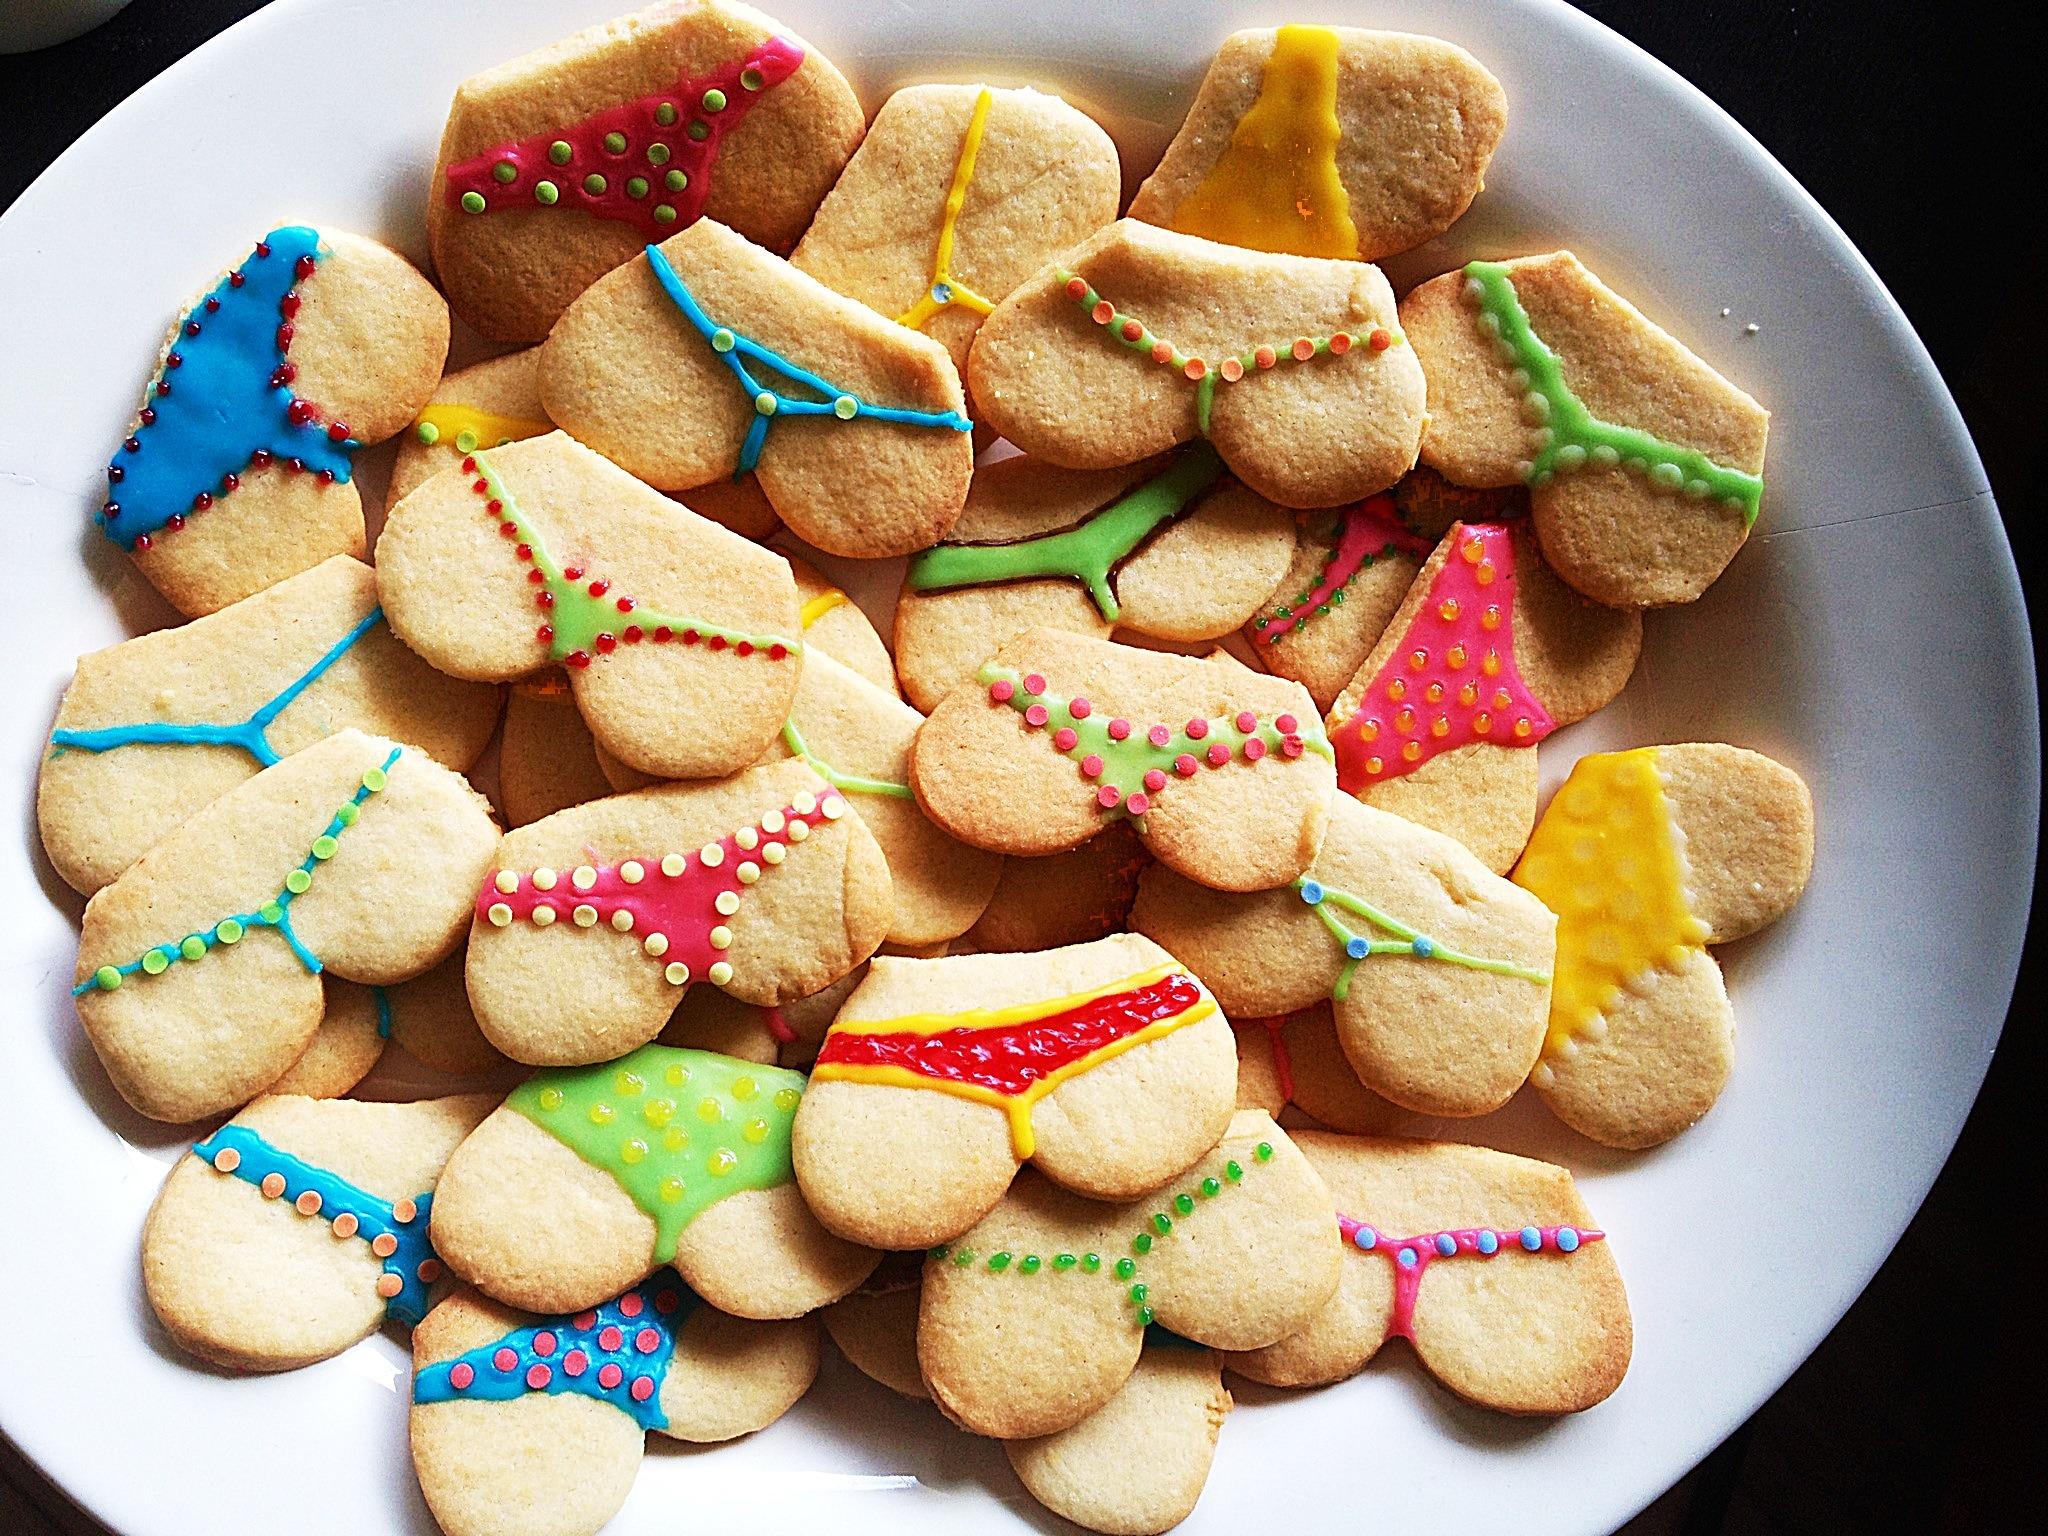 печенье своими руками рецепты с фото всё